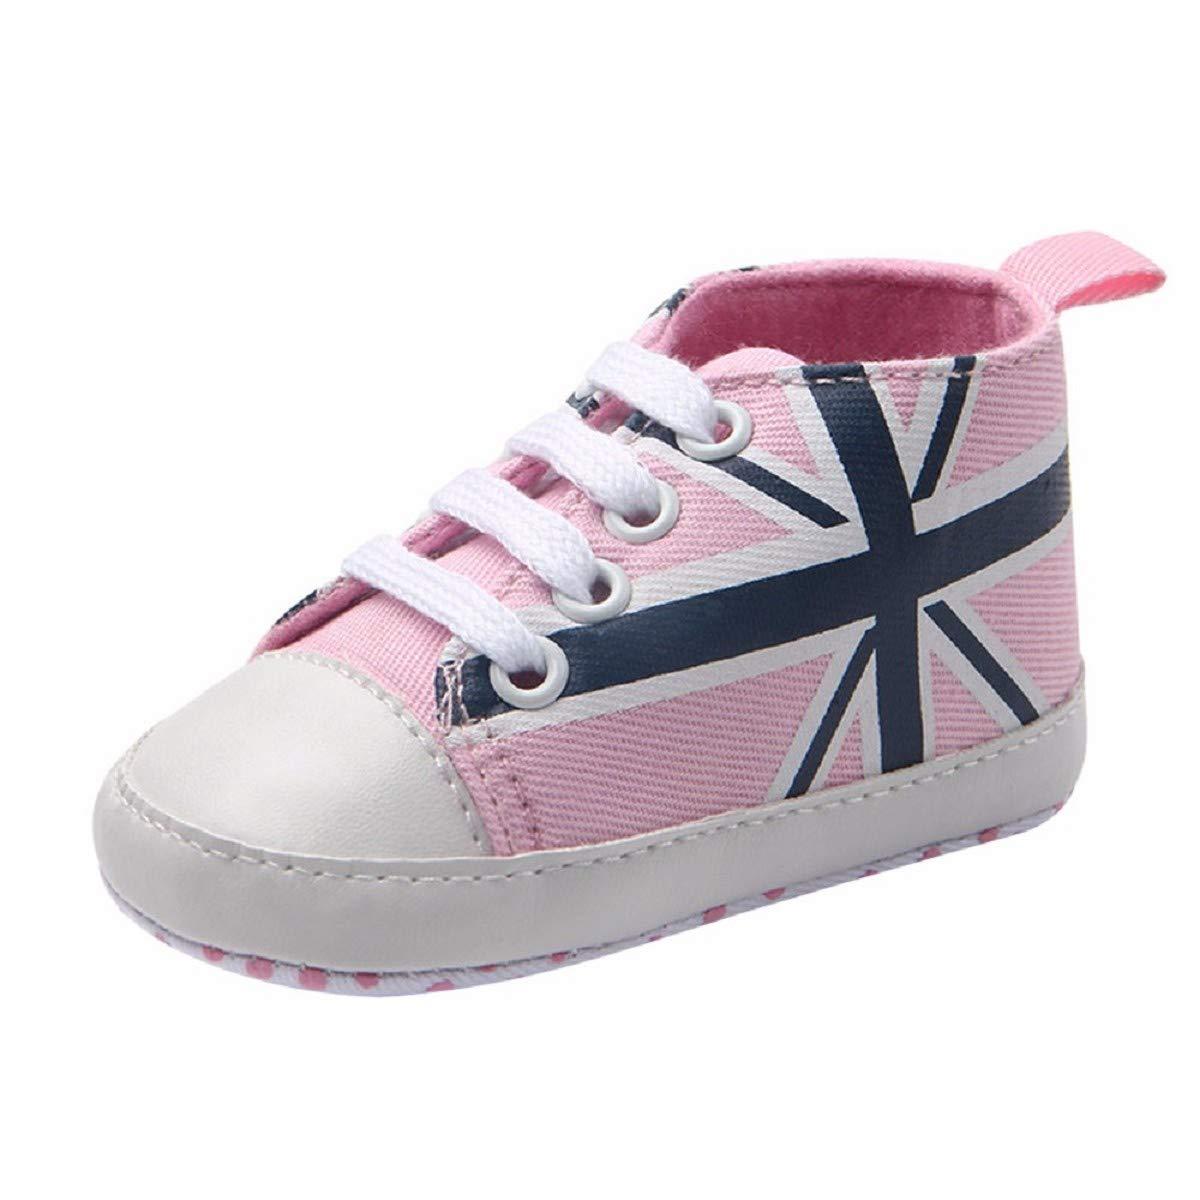 Newborn Canvas Shoes FAPIZI Infant Baby Union Jack Flag Print Canvas Anti-Slip Soft Shoes Sneaker Pink